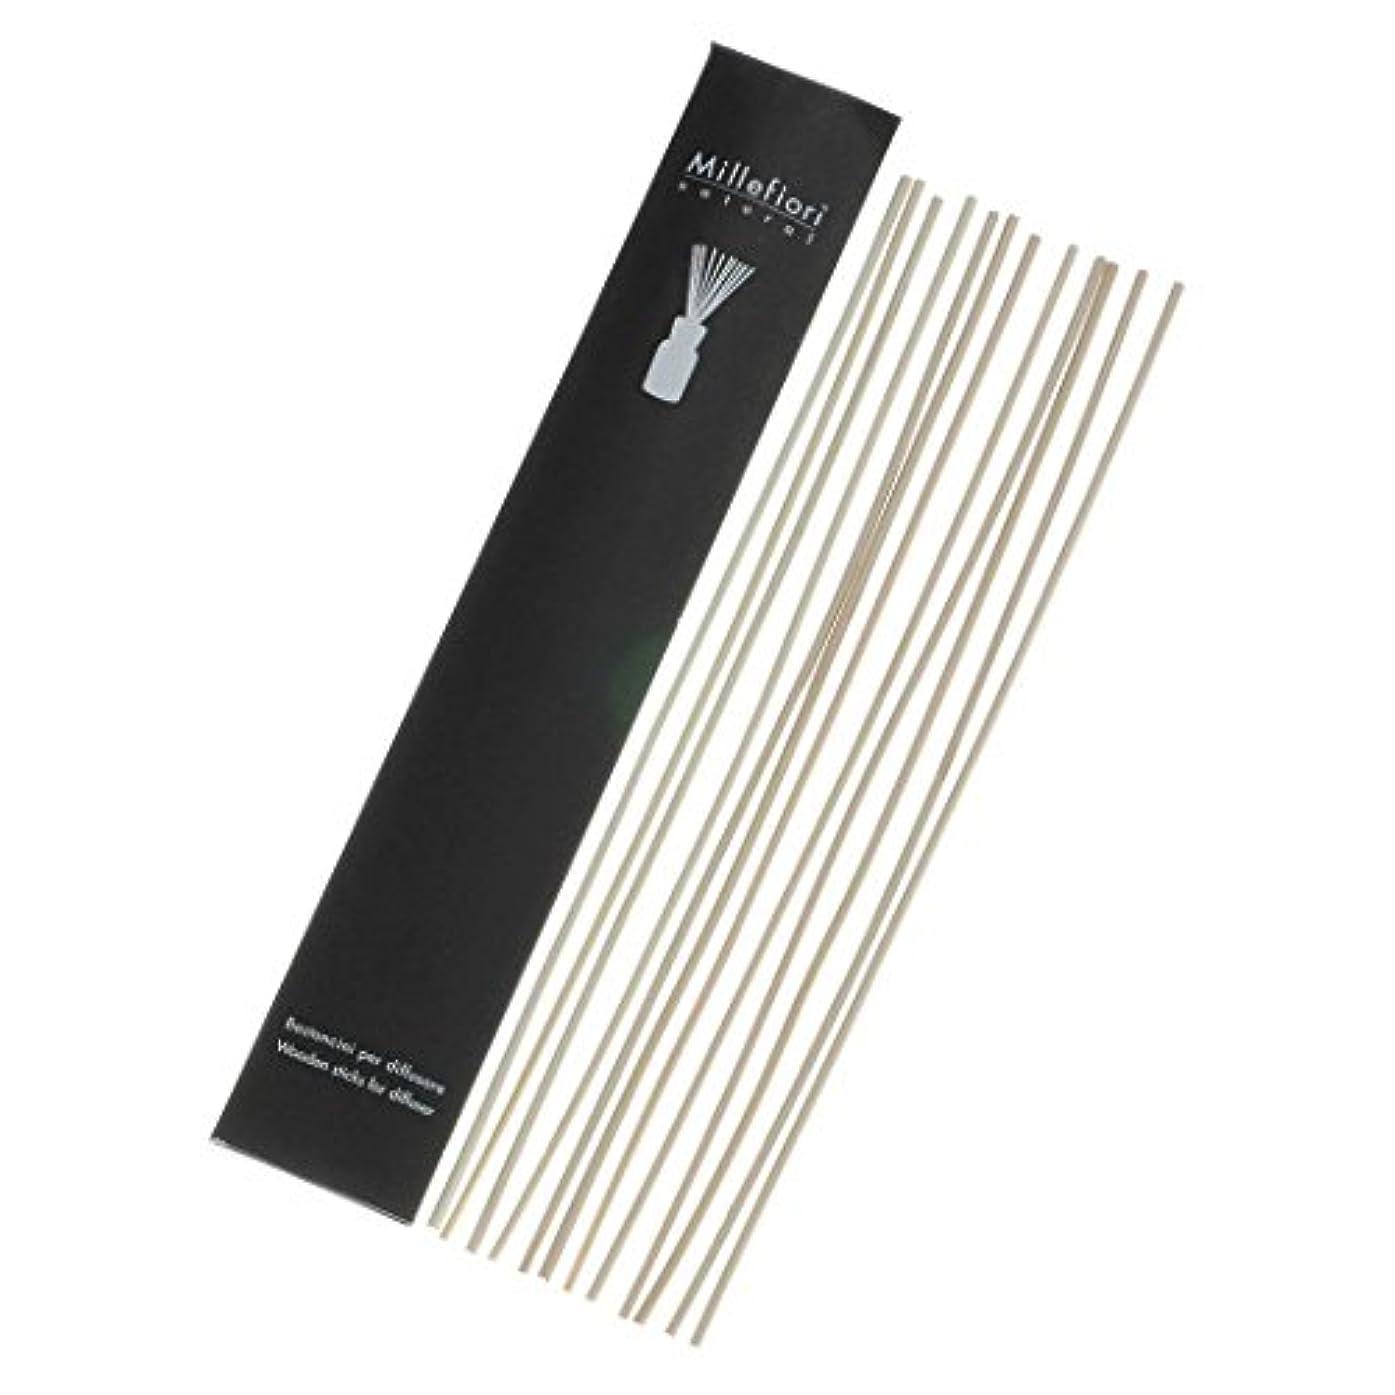 ウィスキー留まる単にMillefiori Naturalシリーズ リードディフューザー Lサイズ用 交換用スティック STK-NL-001